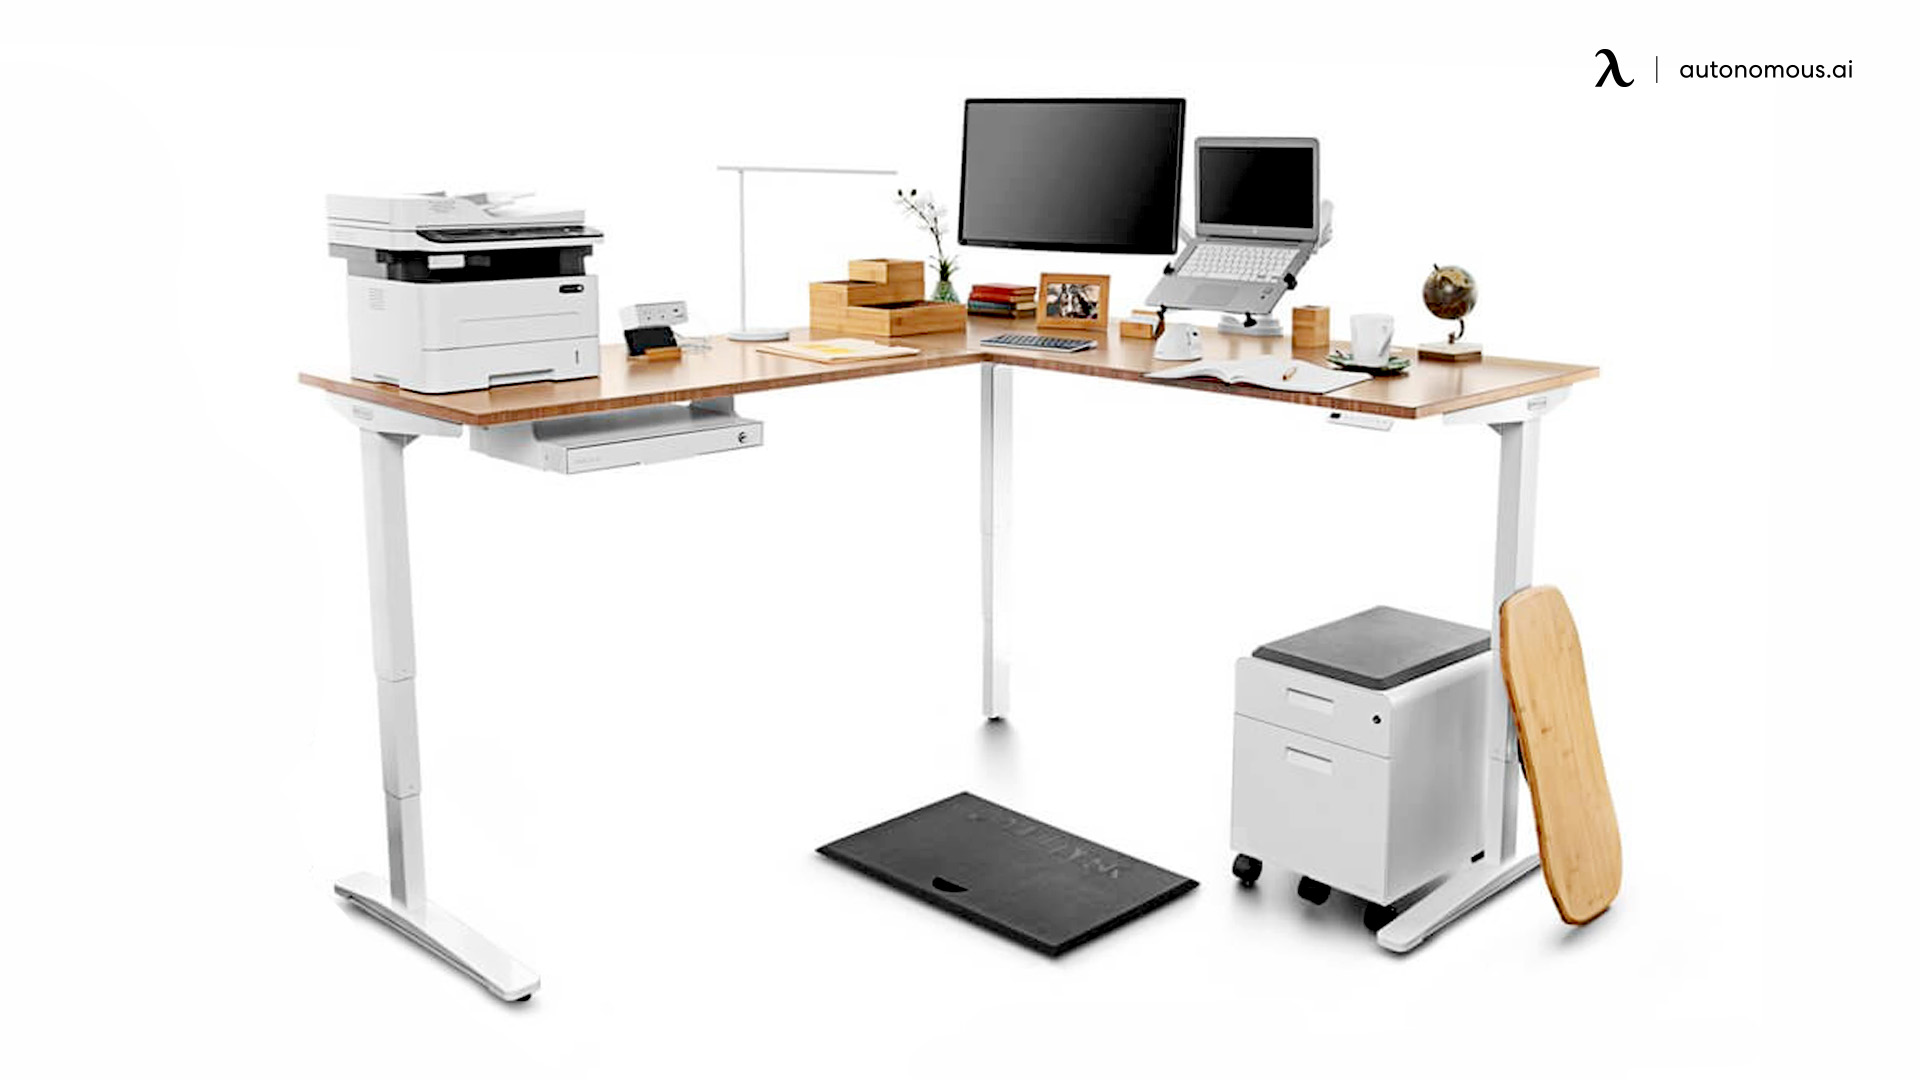 UpLift Custom L-Shaped Standing Desk Base